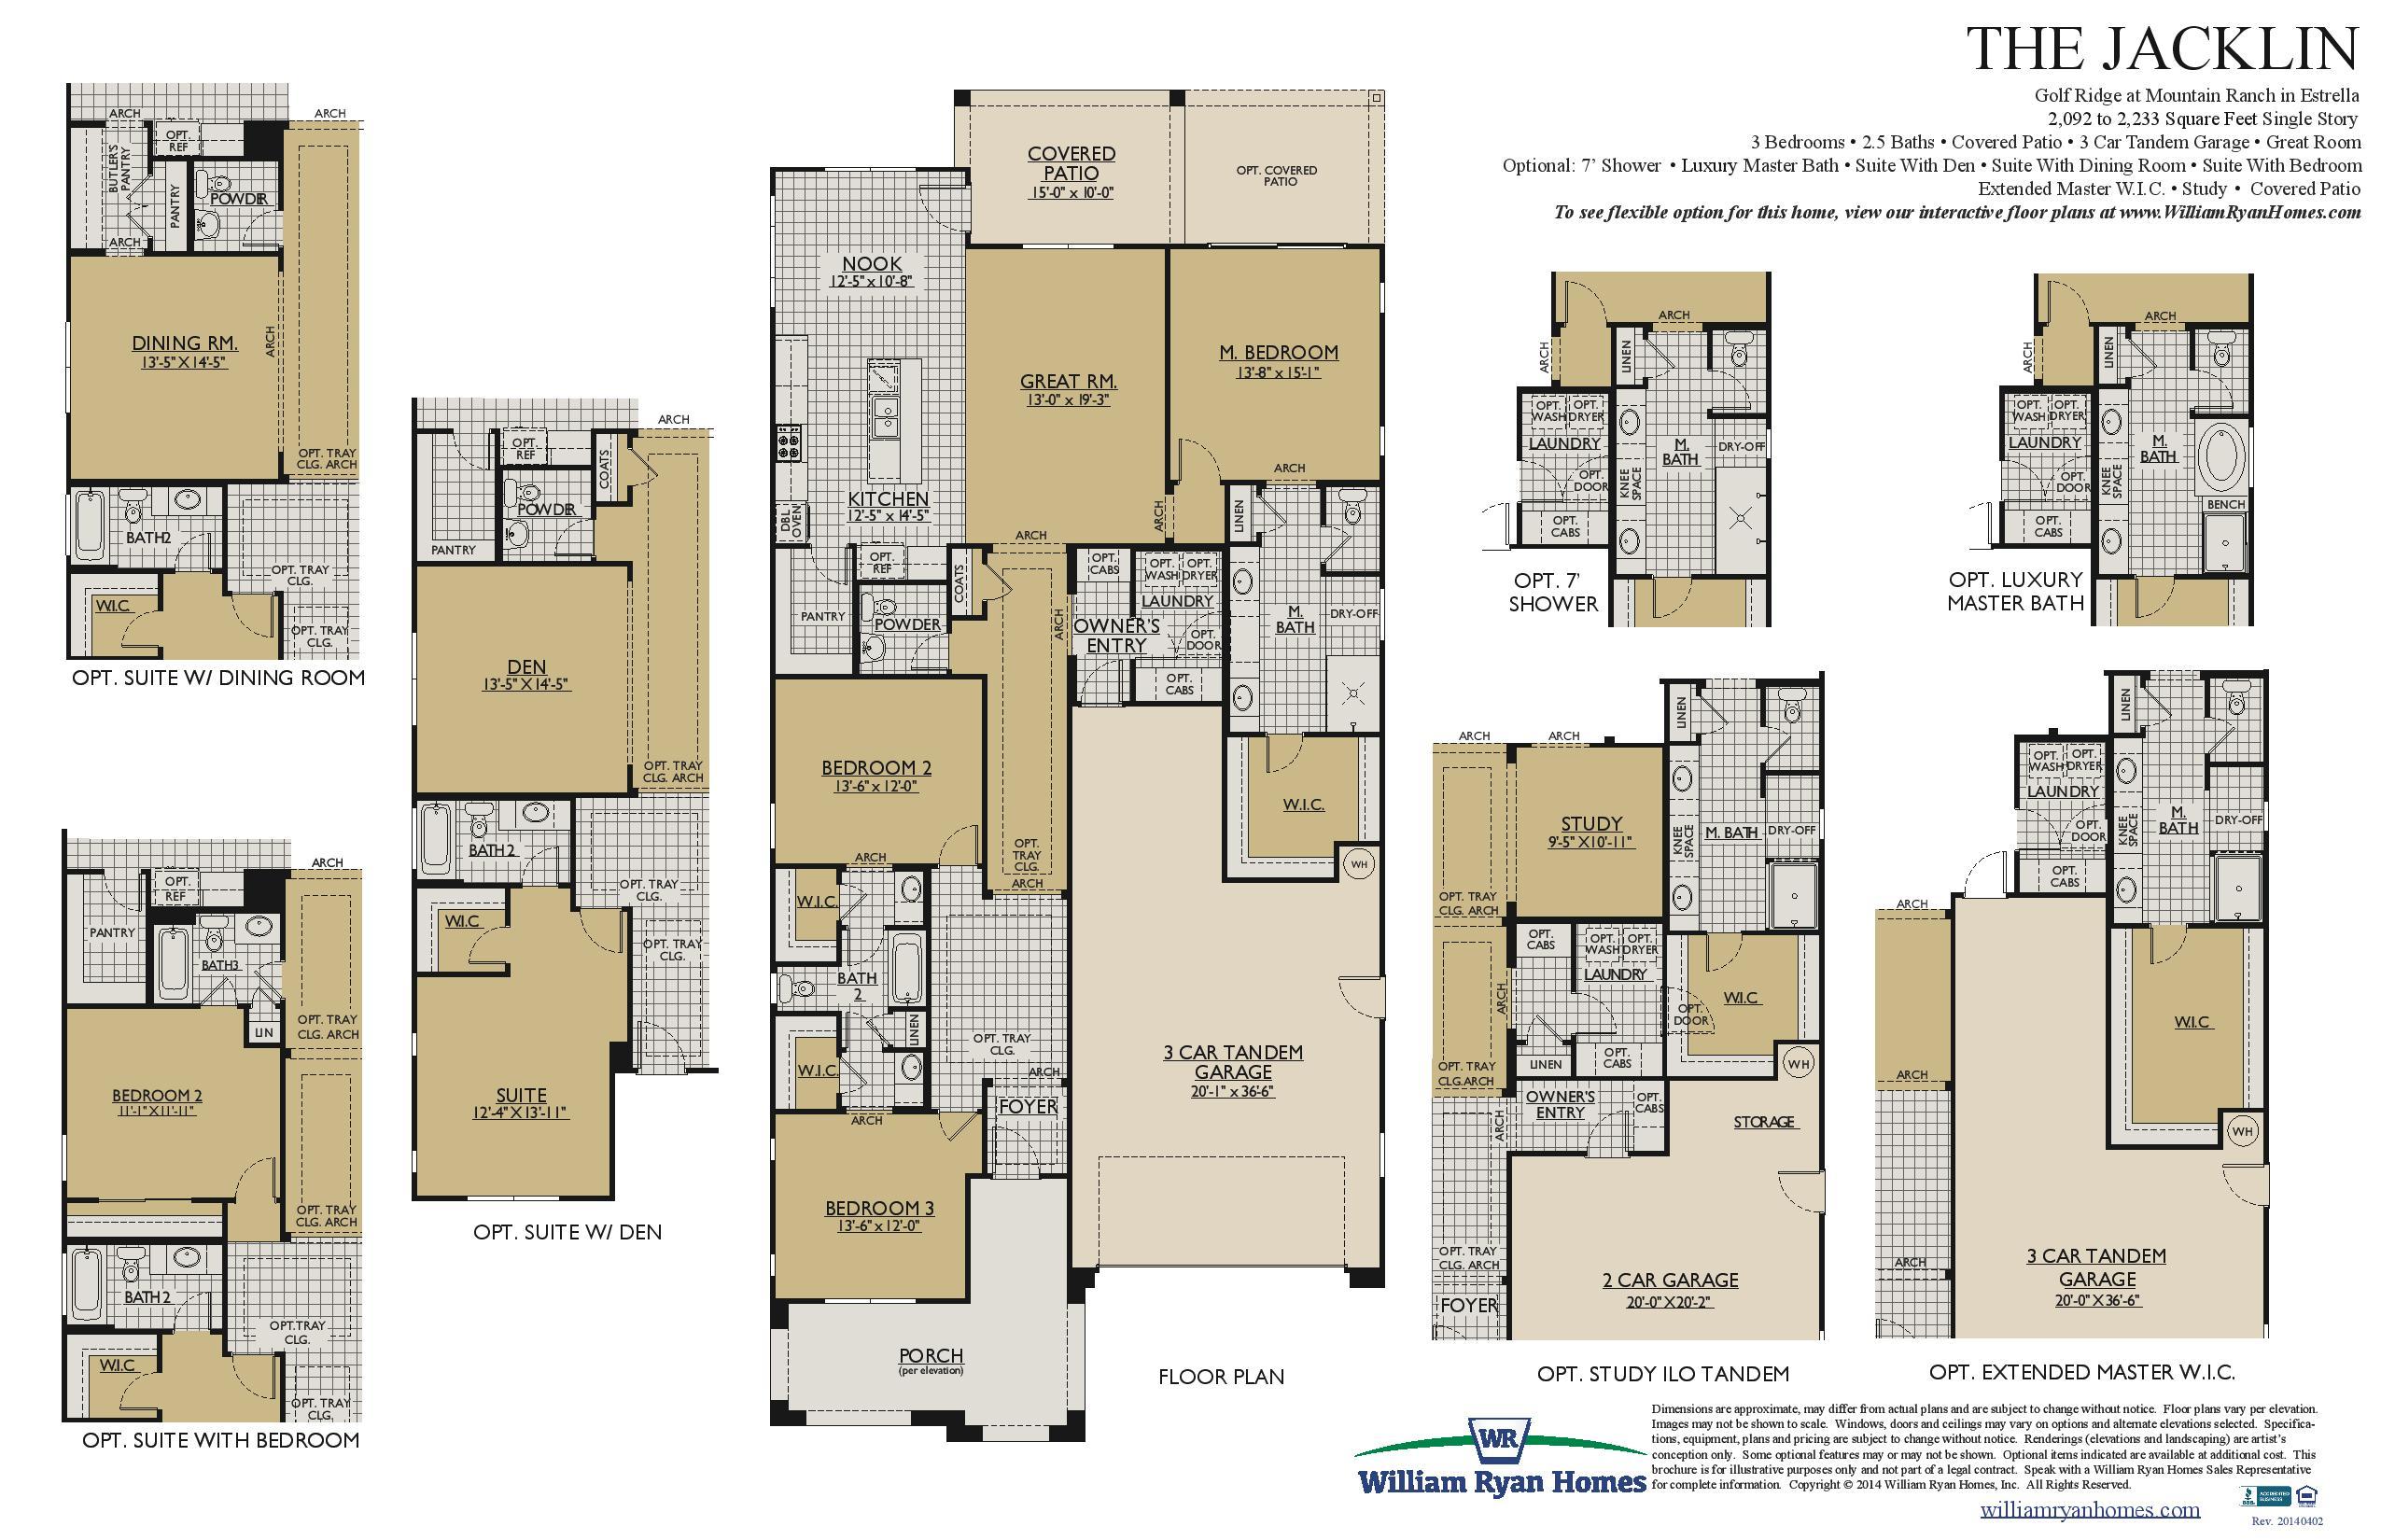 Jacklin Plan William Ryan Homes In Estrella Mountain For Sale – William Ryan Homes Floor Plans